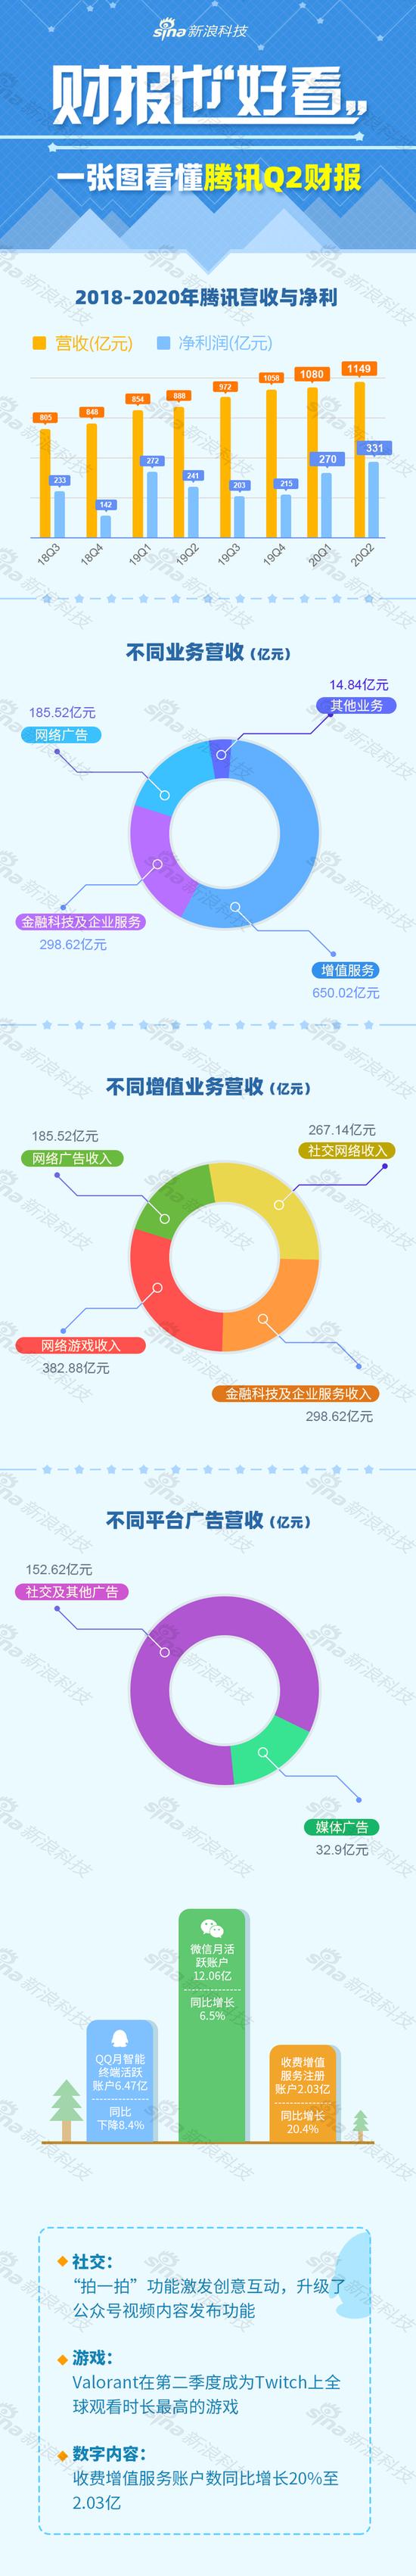 一张图看懂腾讯财报:二季度净利润达331亿元